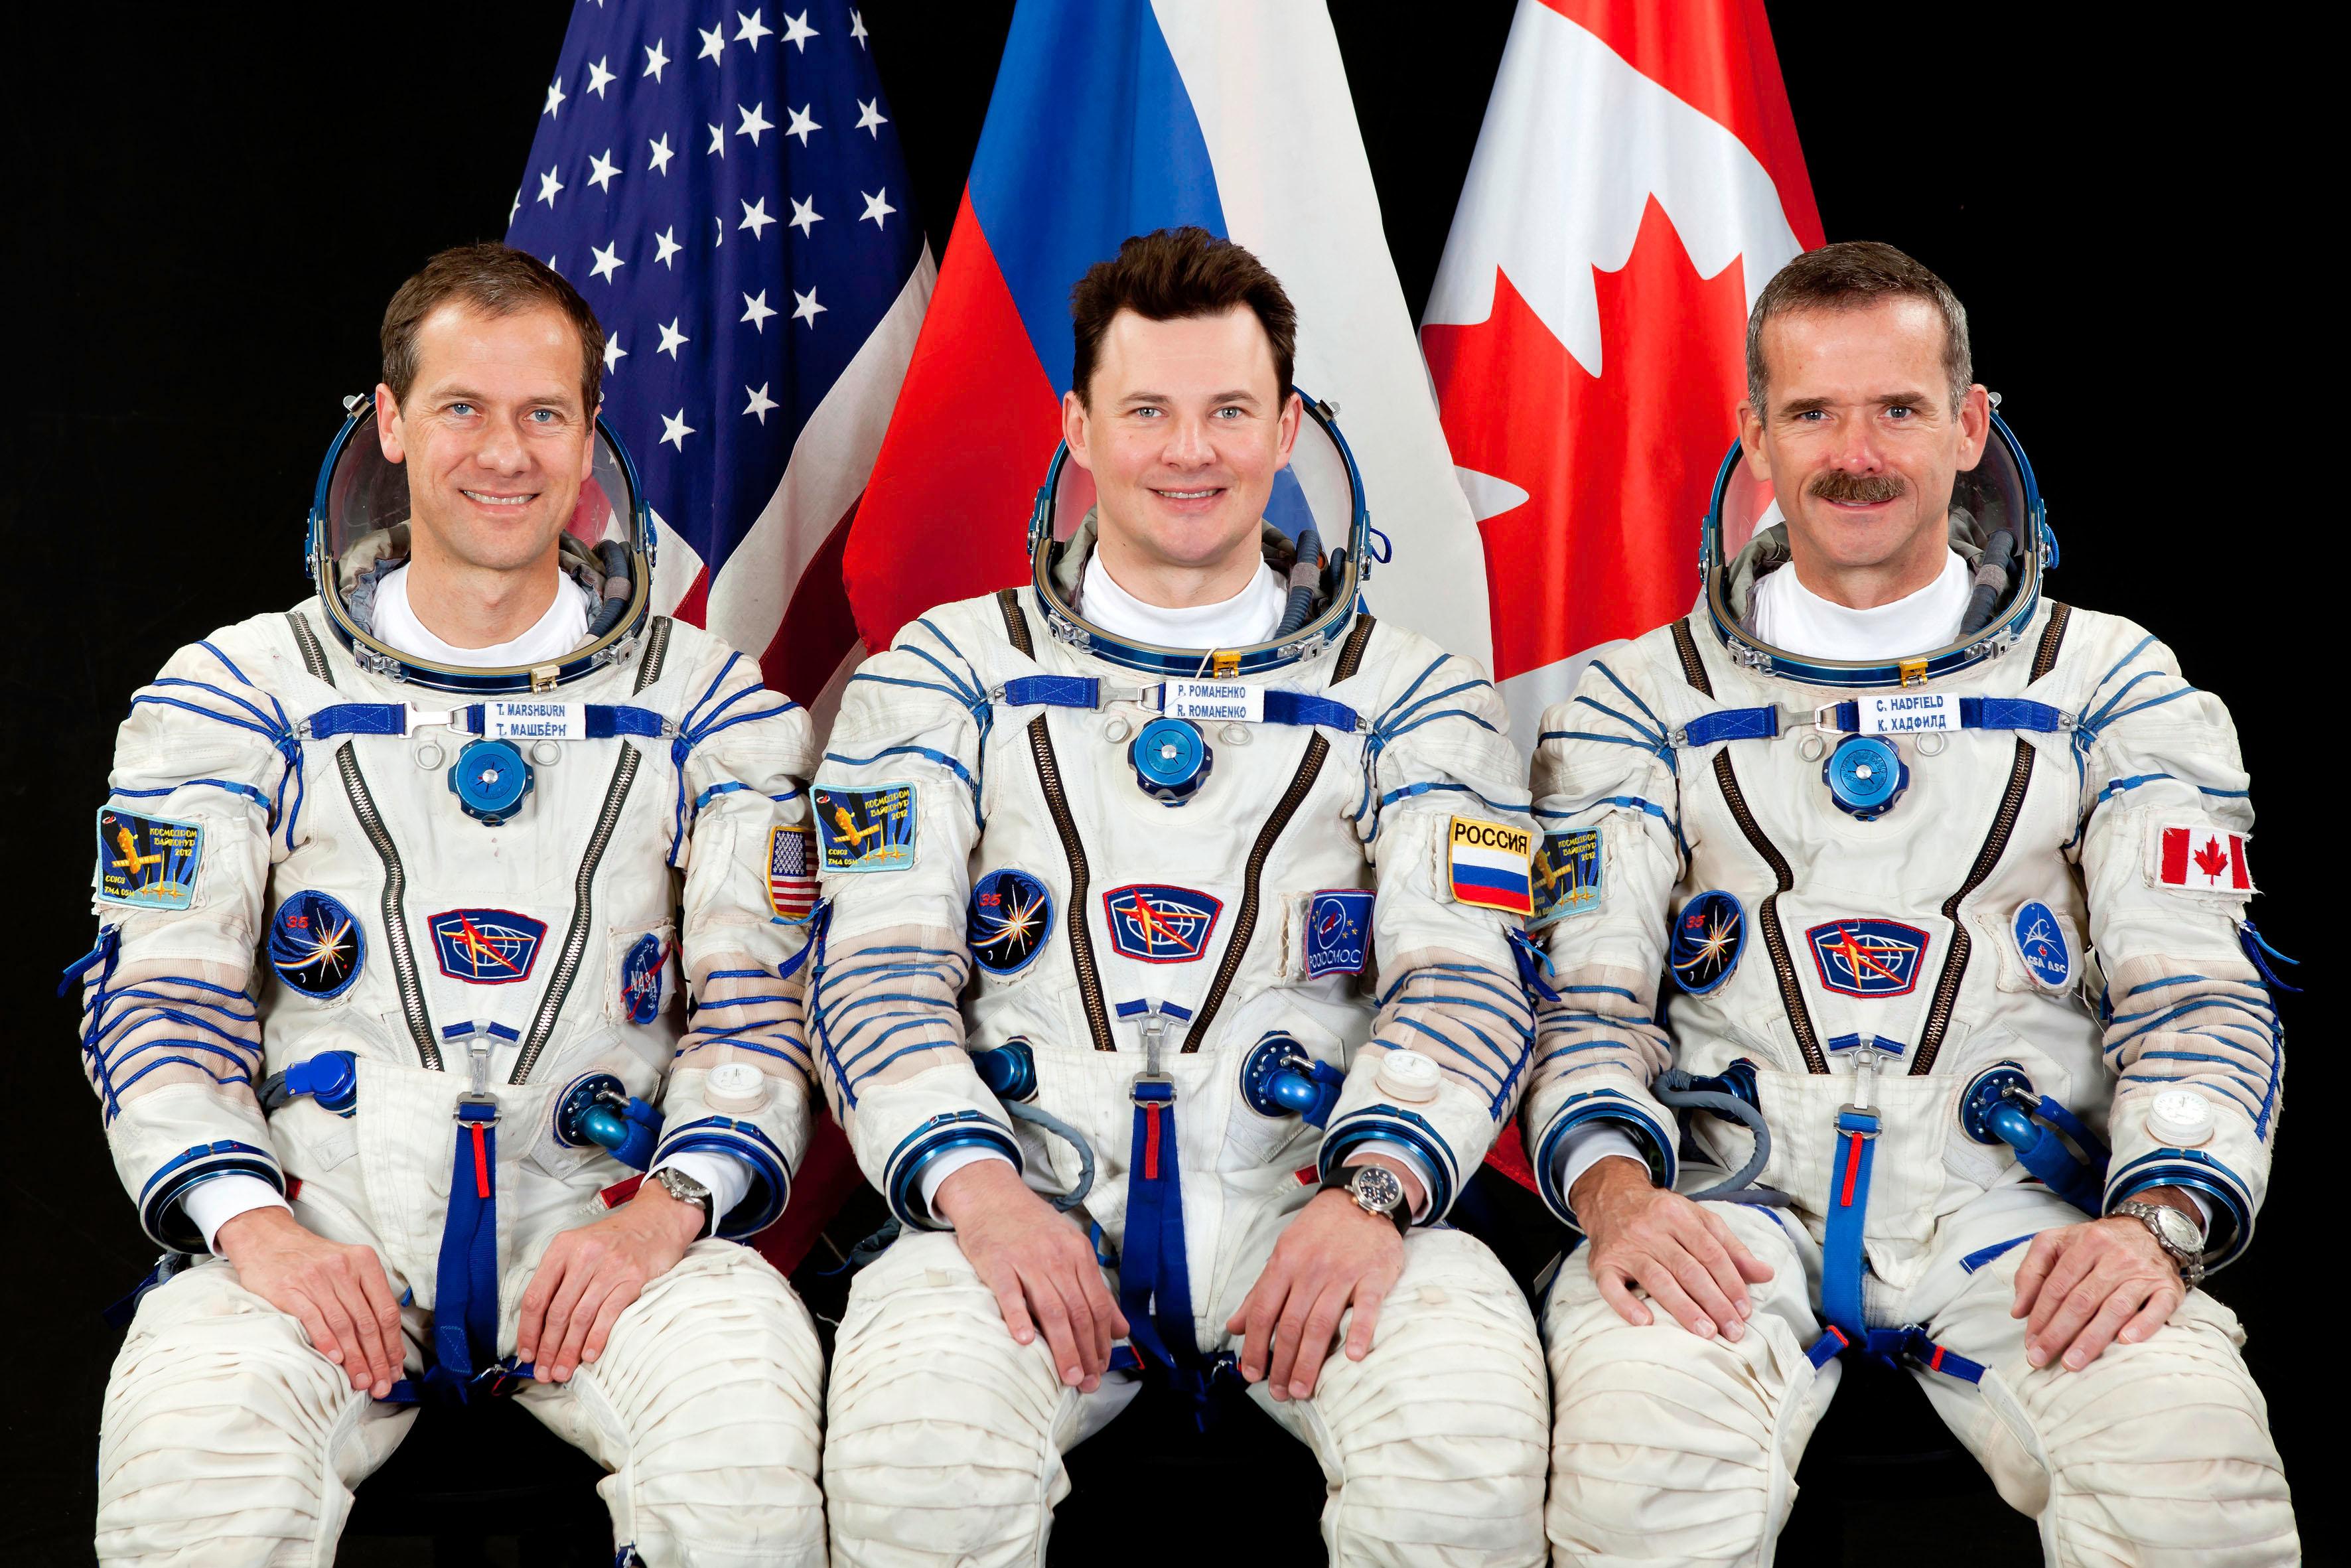 Crew Members Marshburn, Romanenko, Hadfield